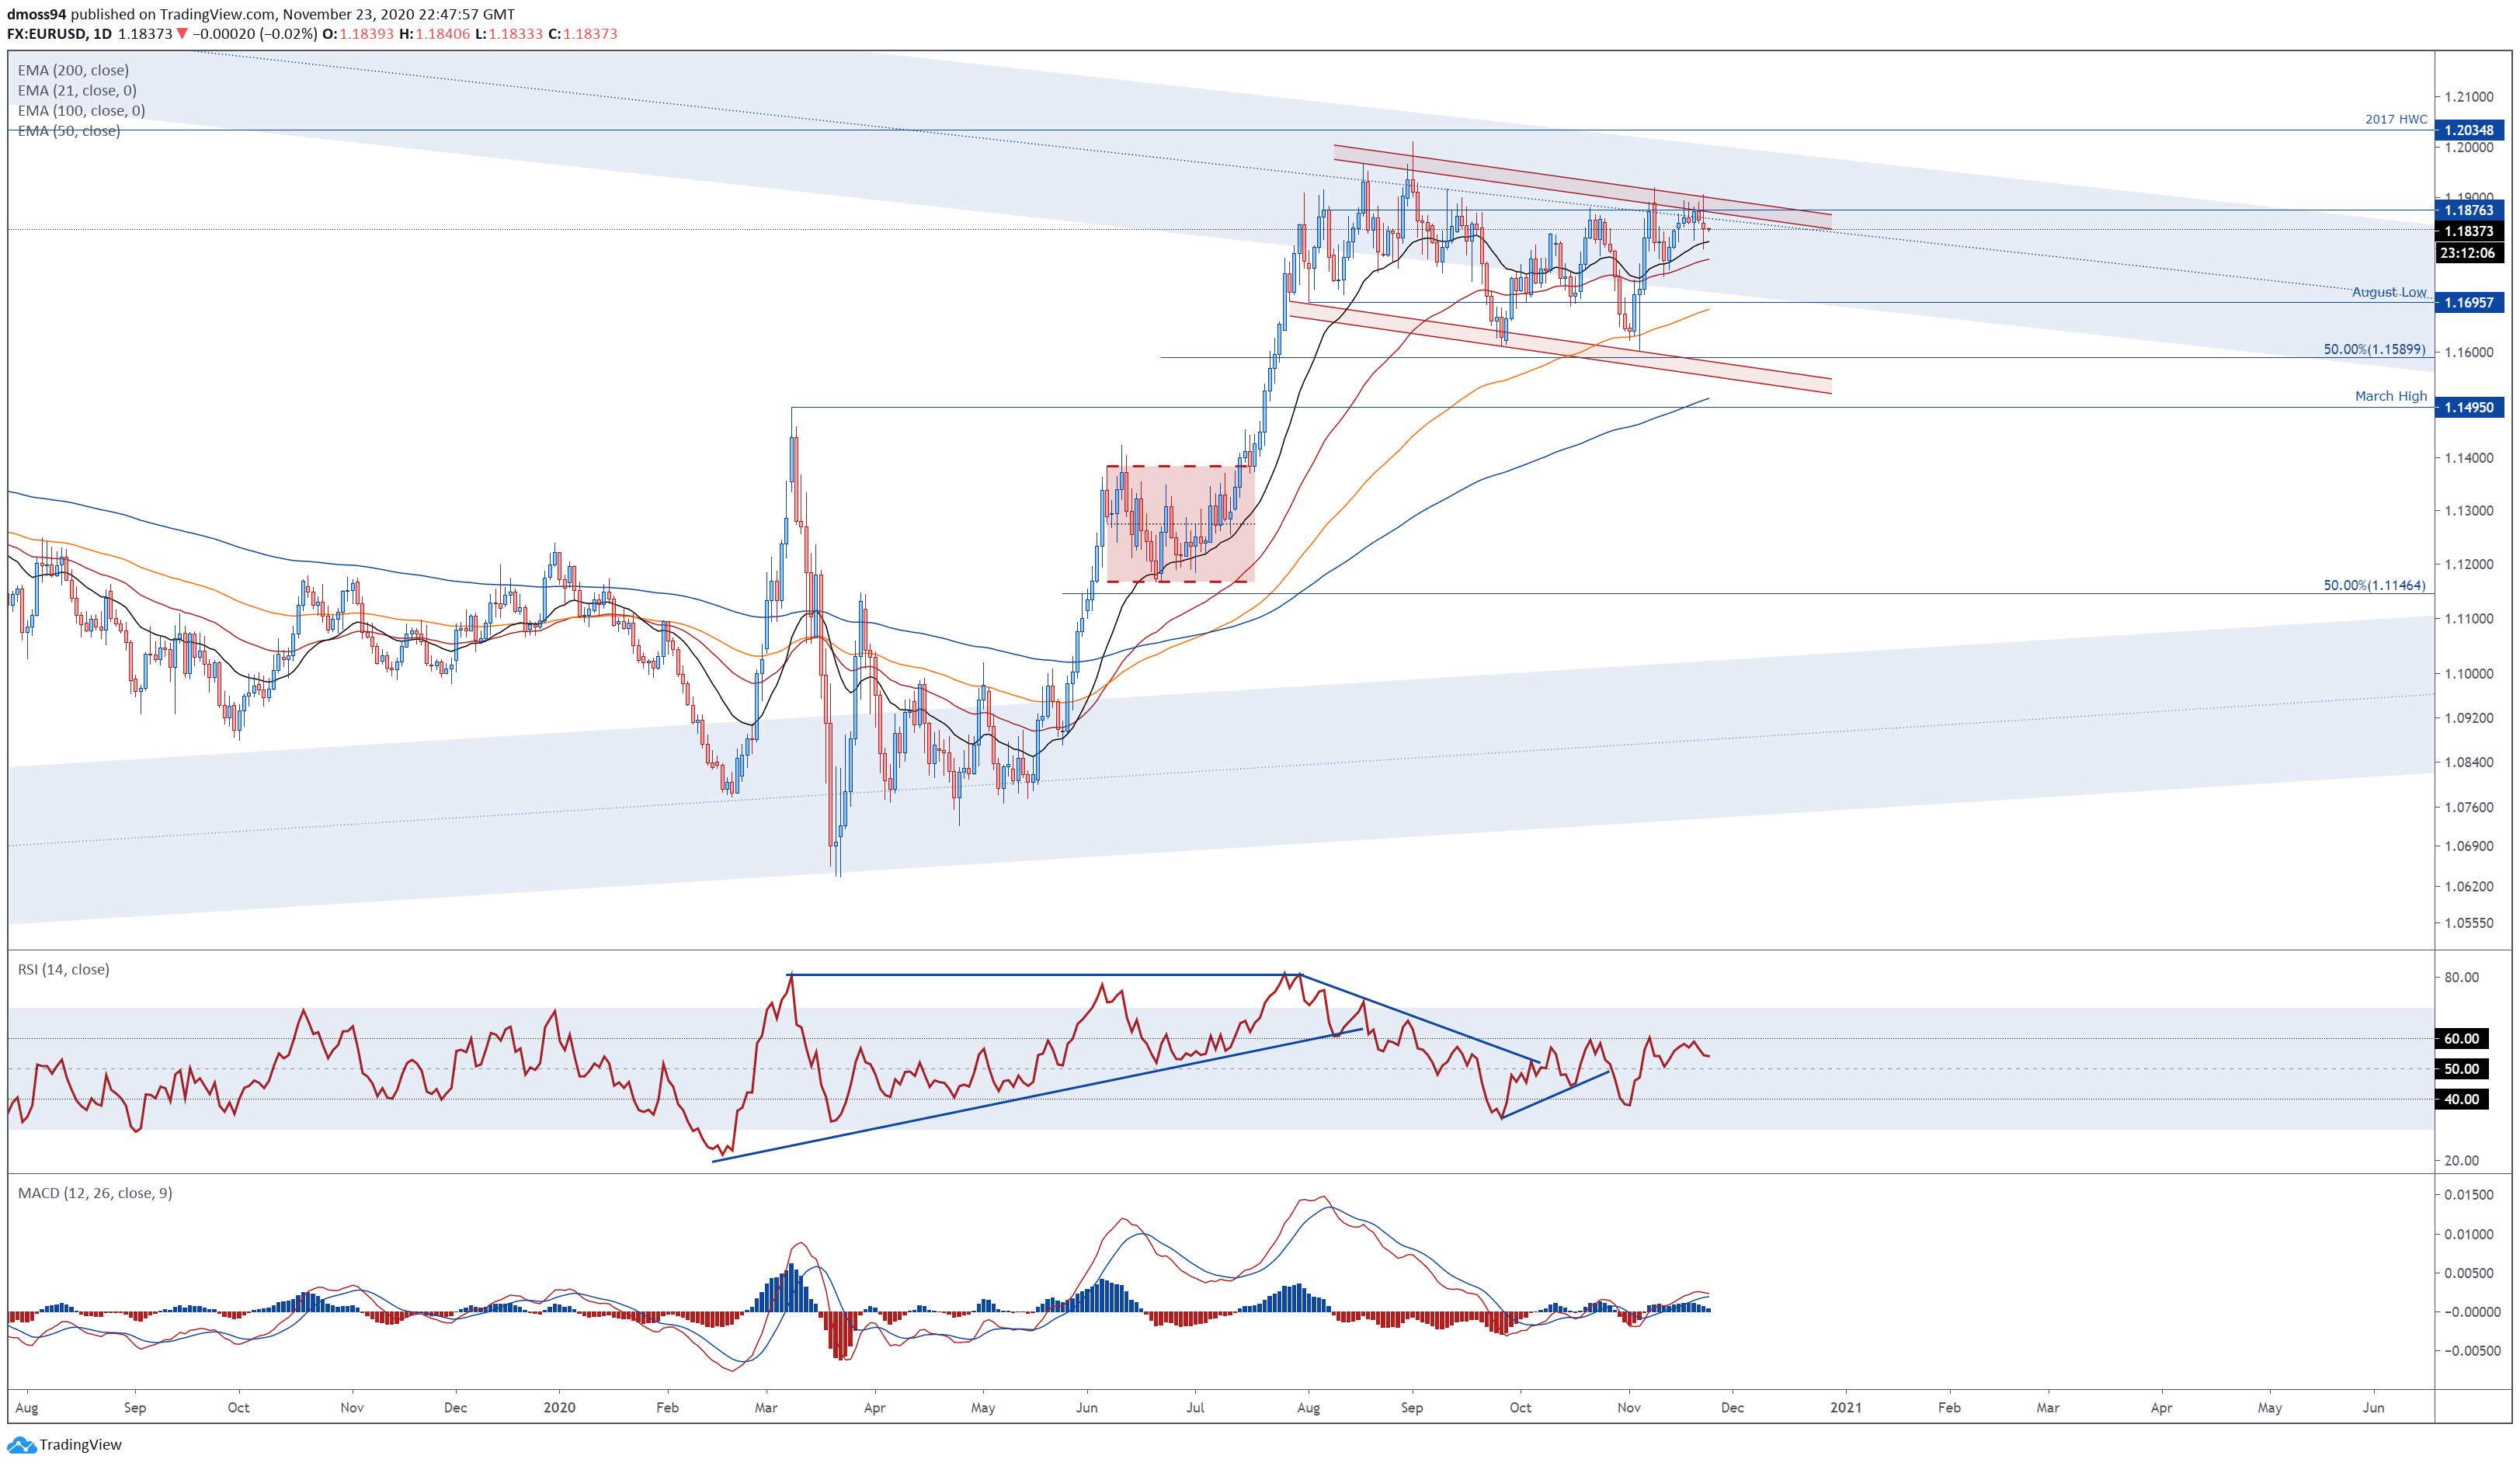 歐元預測∶歐元/美元、歐元/日元和歐元/英鎊走勢分析